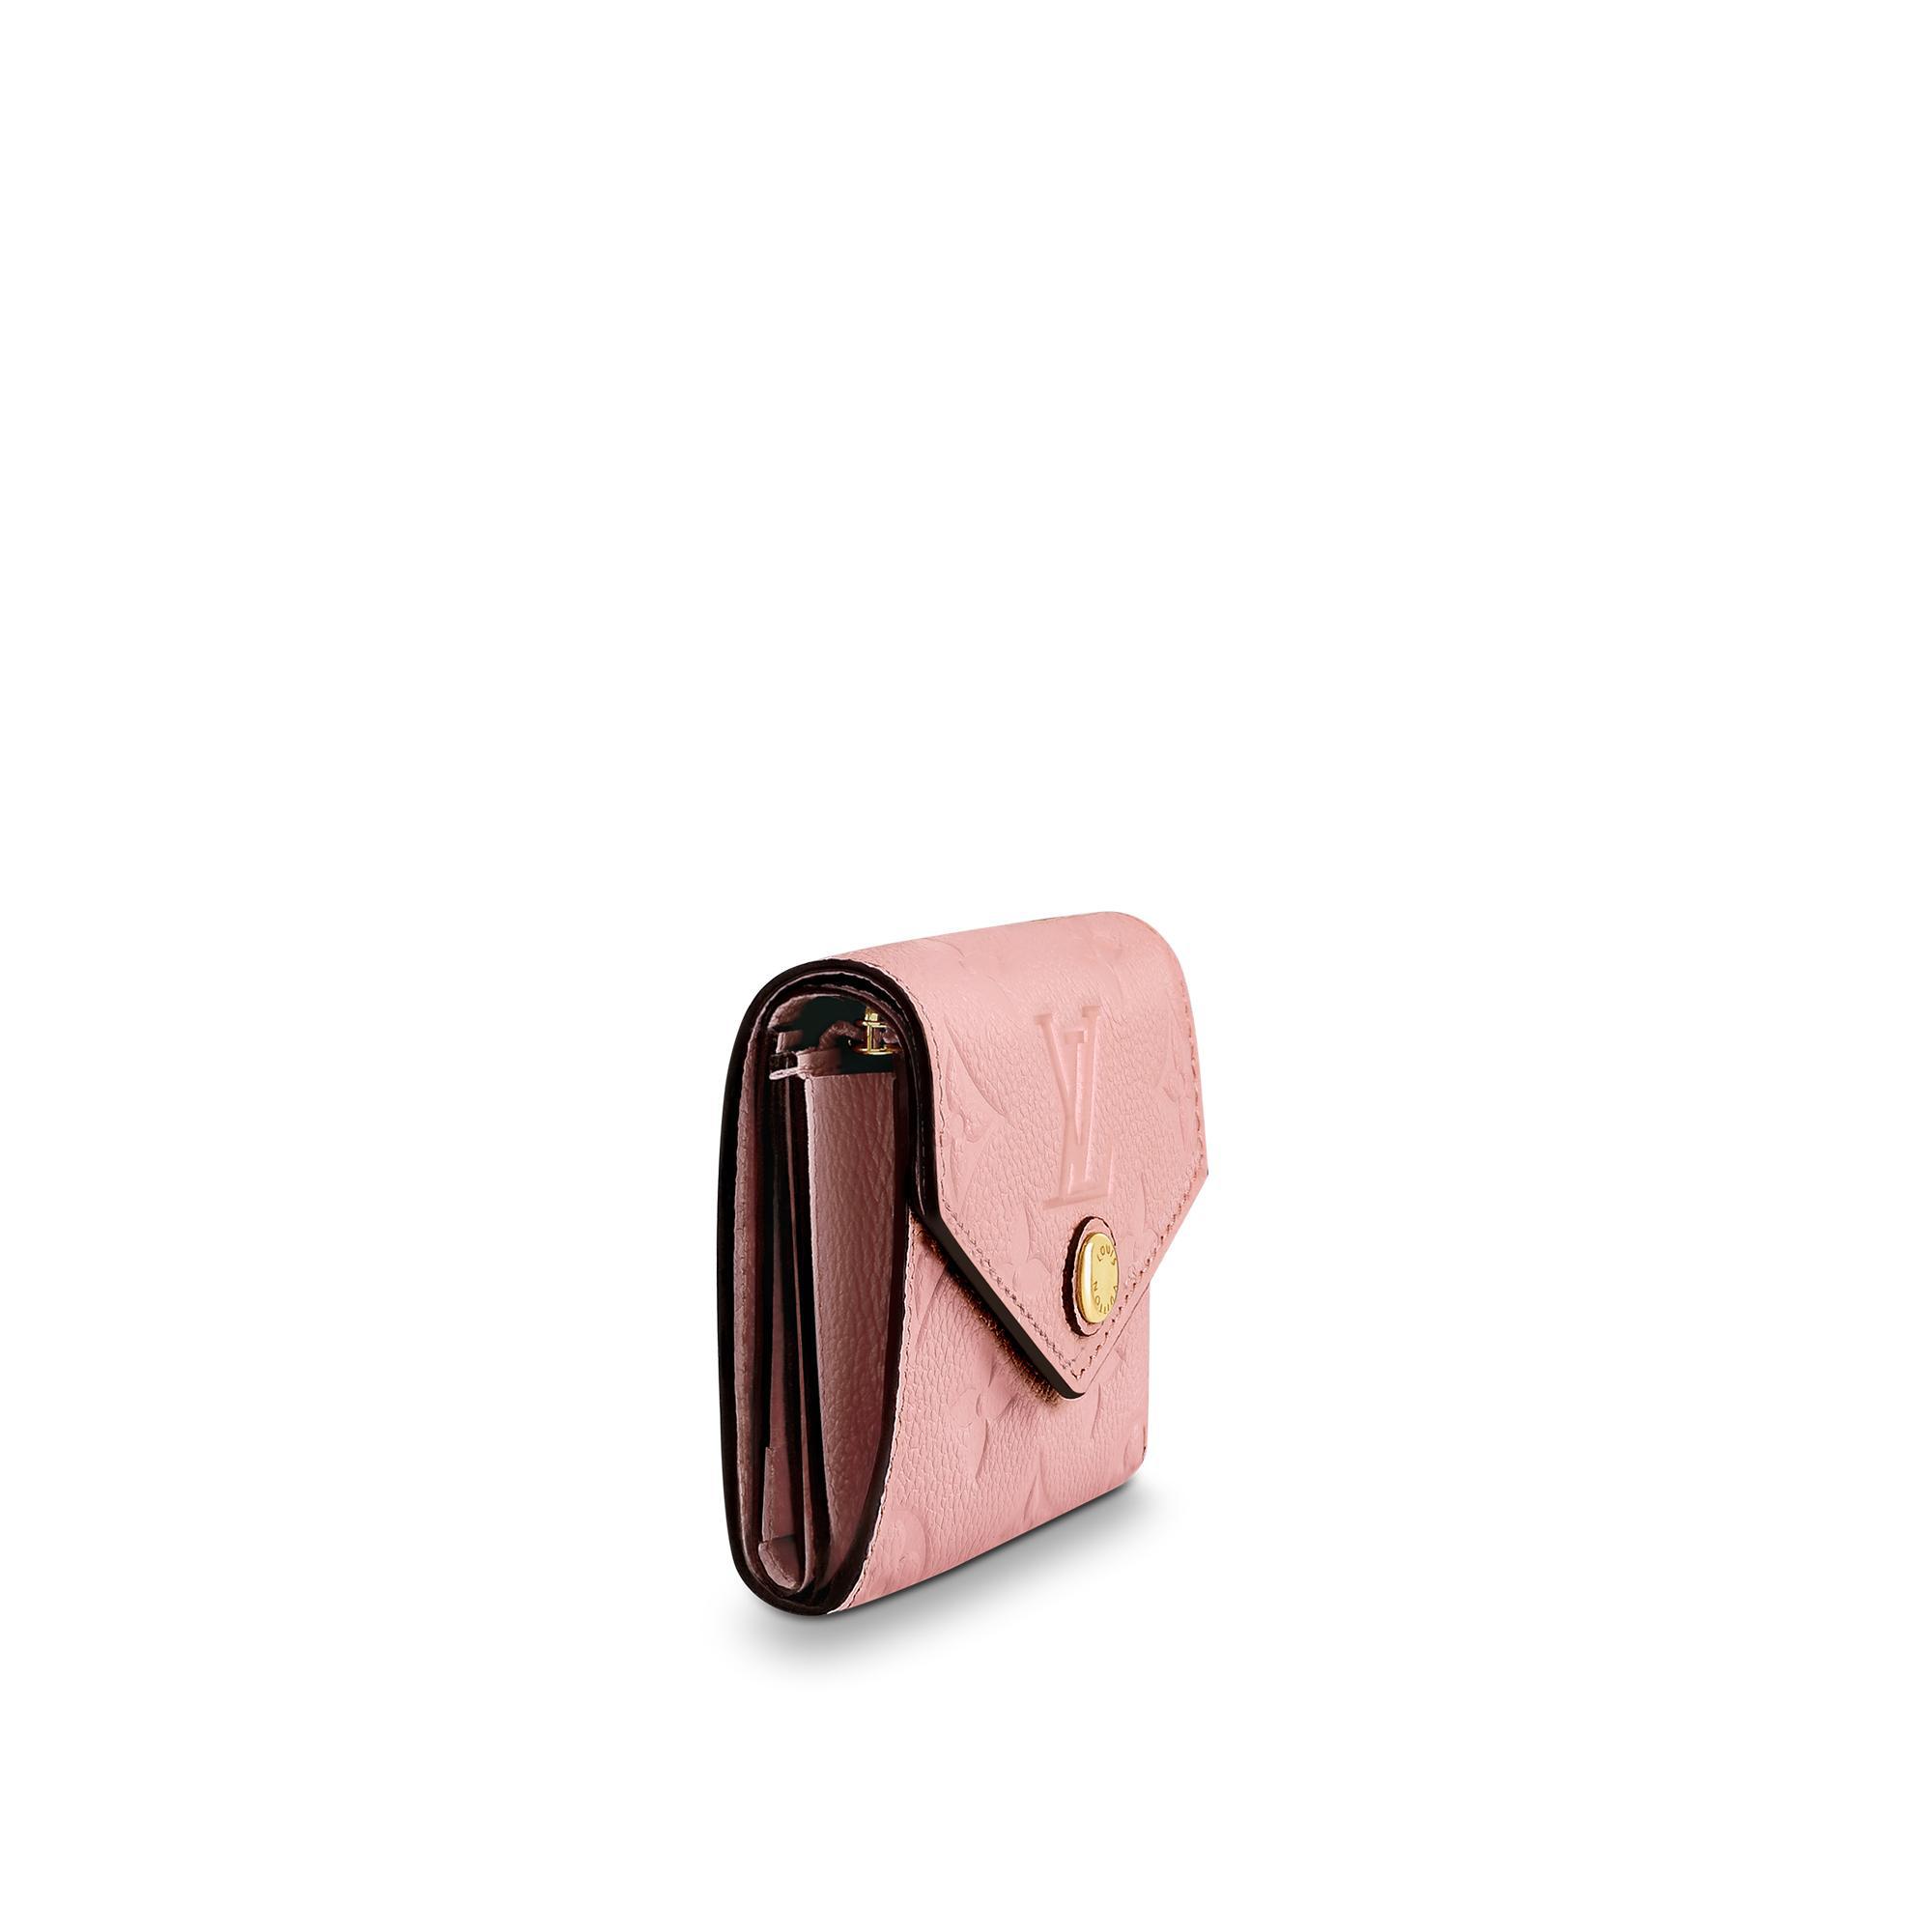 373e4cd19 Louis Vuitton ZoÉ Wallet In Rose Poudre | ModeSens